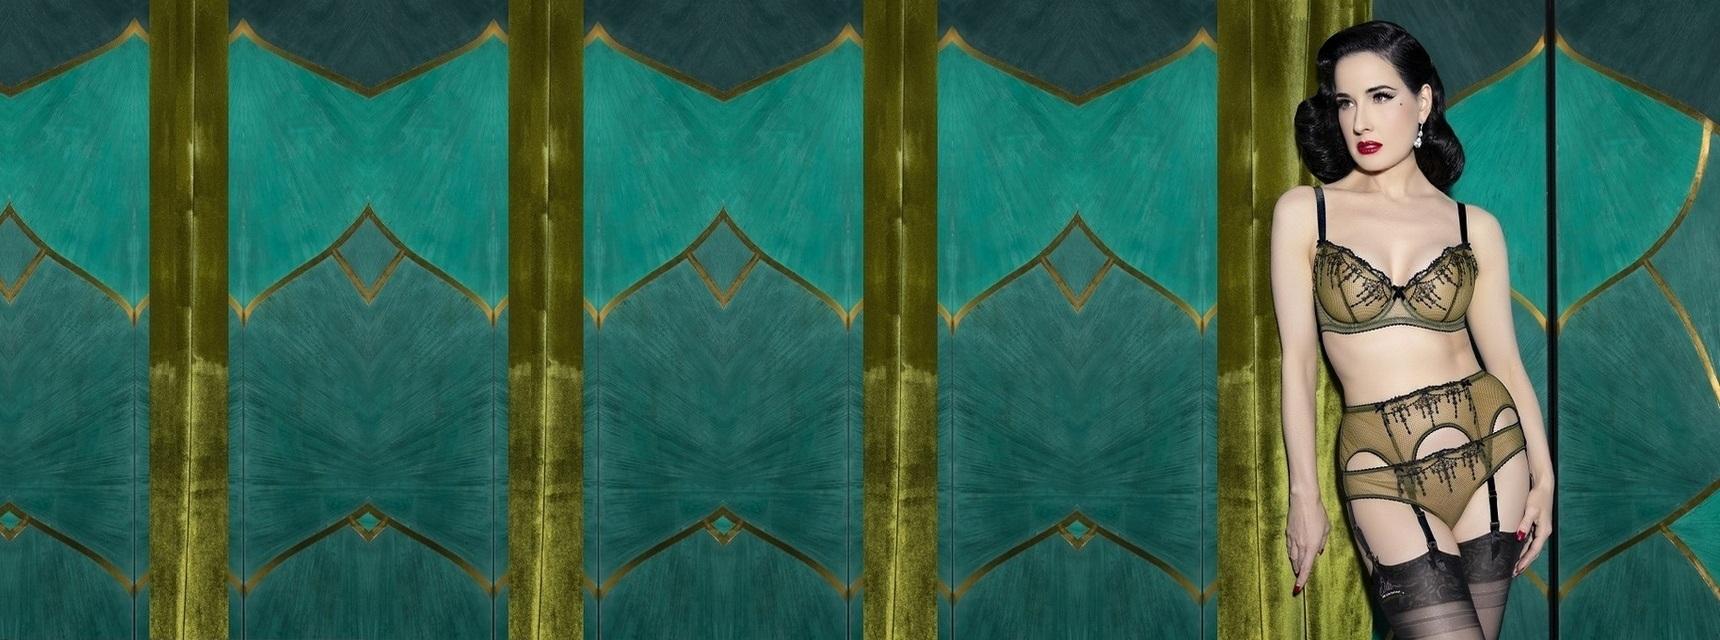 Bijoux - Chartreuse_DVT_Lingerie_201921527-square_1720х640